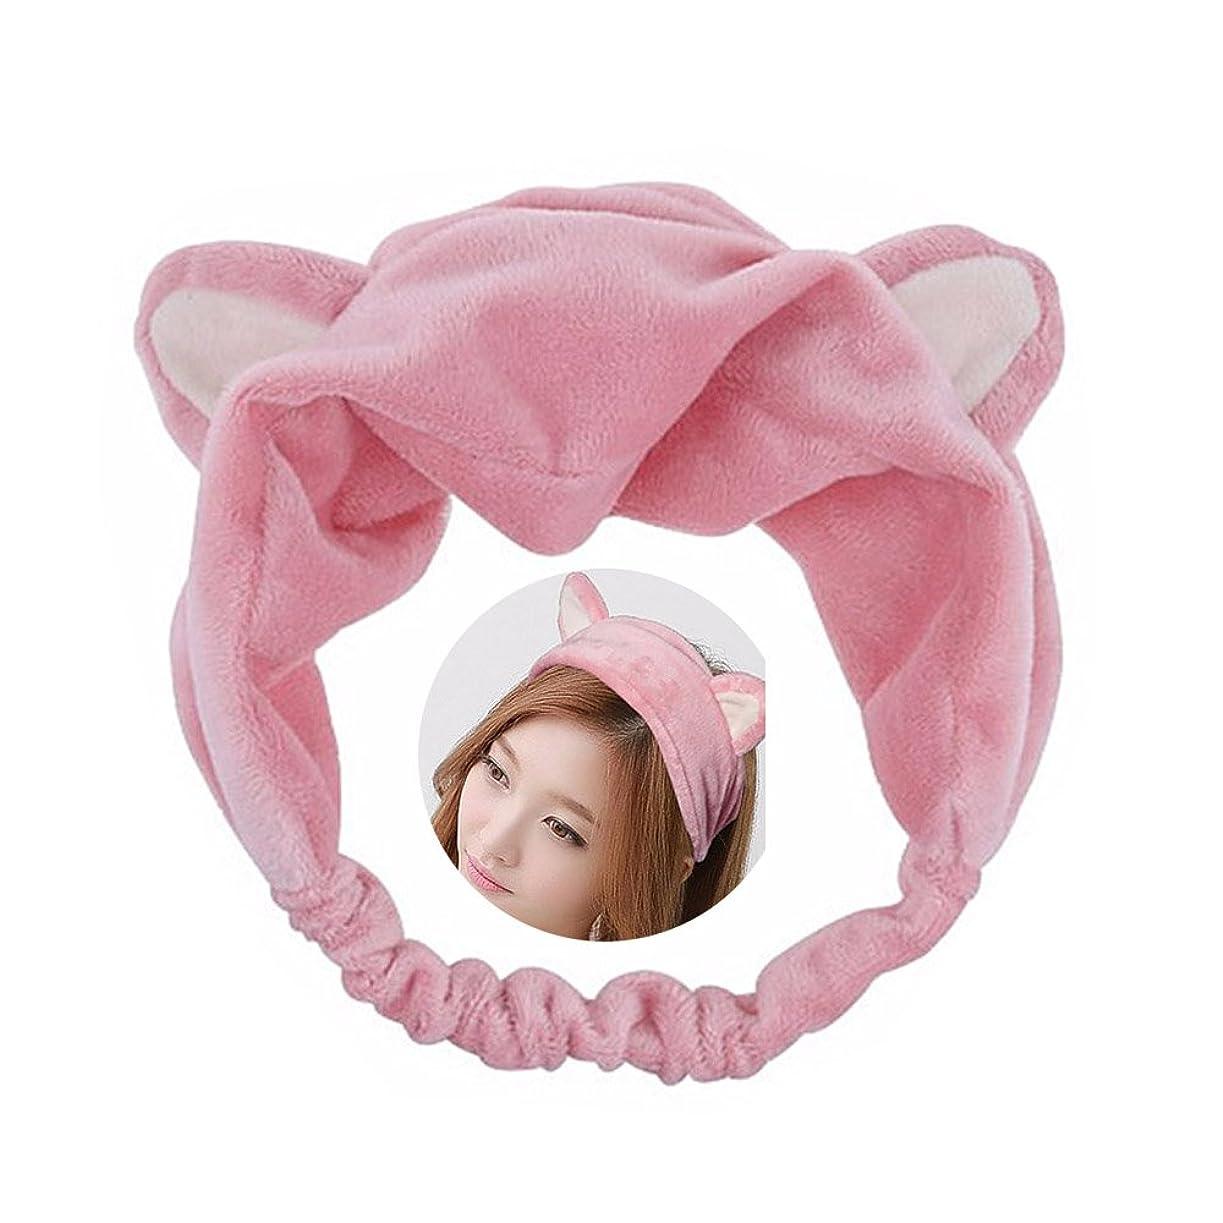 ジャーナリスト学部二週間可愛い 猫 耳 ヘアバンド メイク アップ フェイス マスク スポーツ カチューシャ 髪型 ピンク